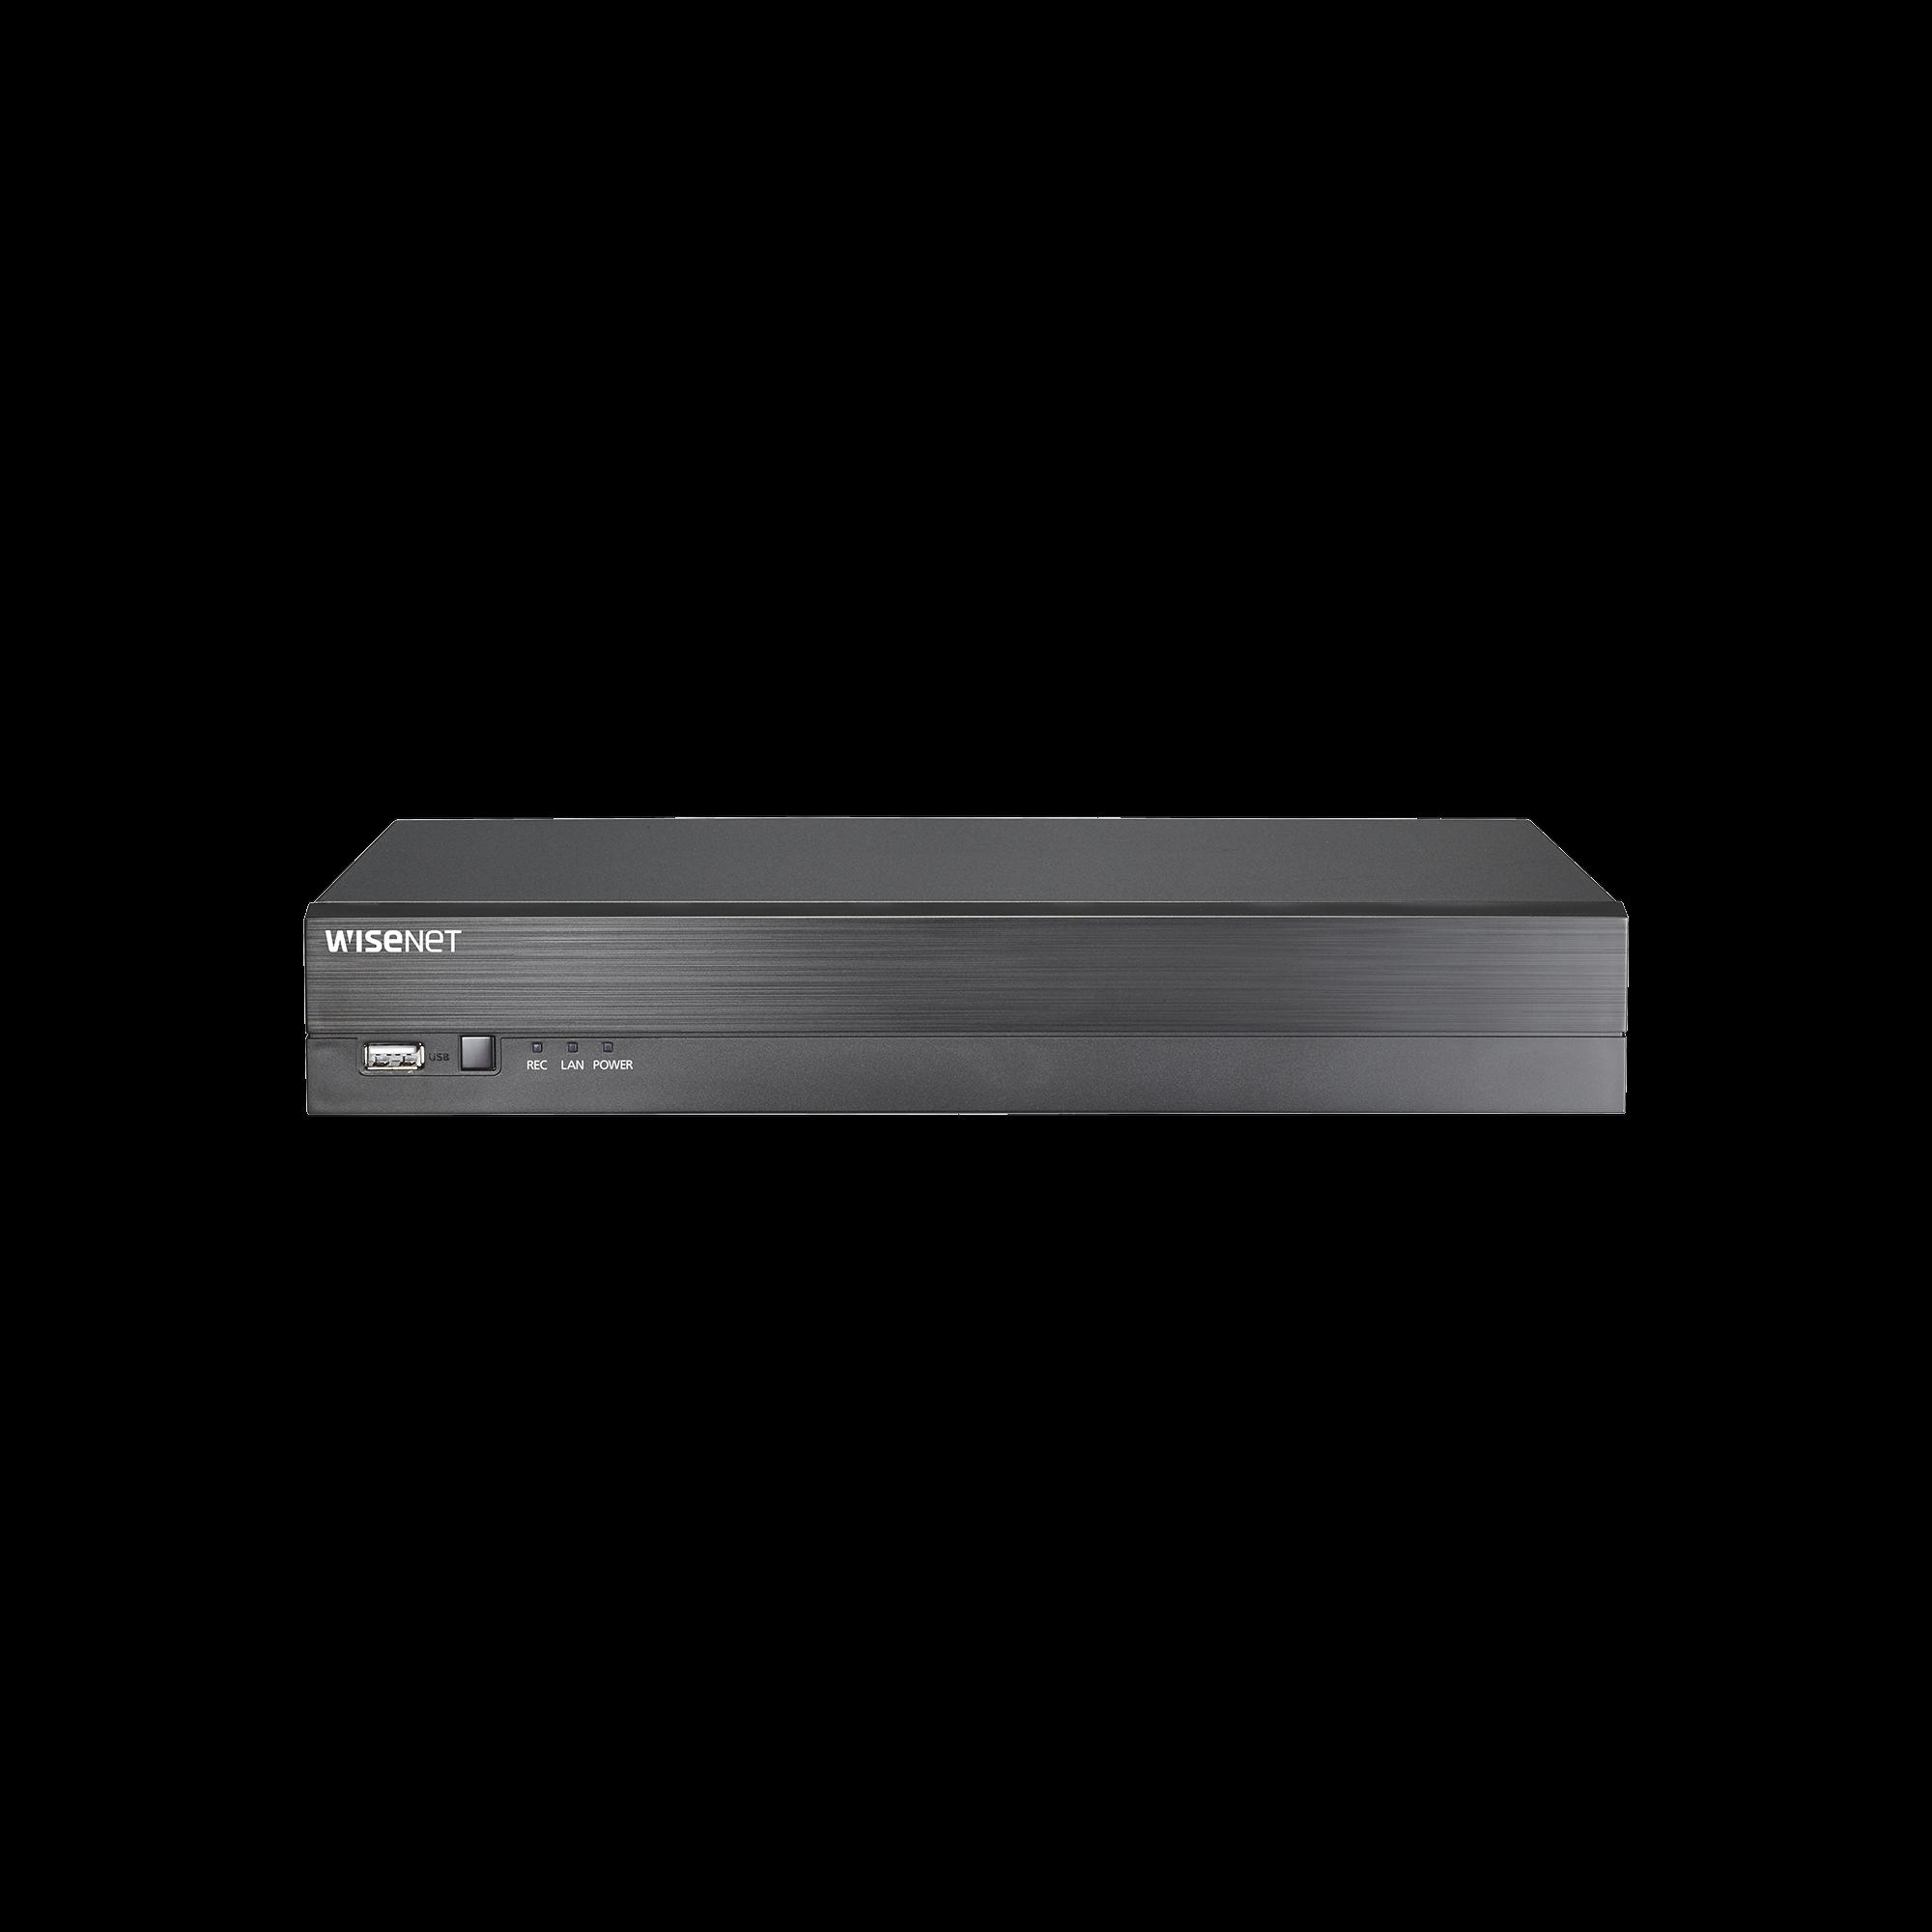 DVR 4 Canales hasta 4 Megapixel / Soporta 4 Tecnologías (AHD, TVI, CVI, CVBS) / 1 Entrada y Salida de Audio / 4 Entradas y 1 Salida de Alarma / Incluye 4TB